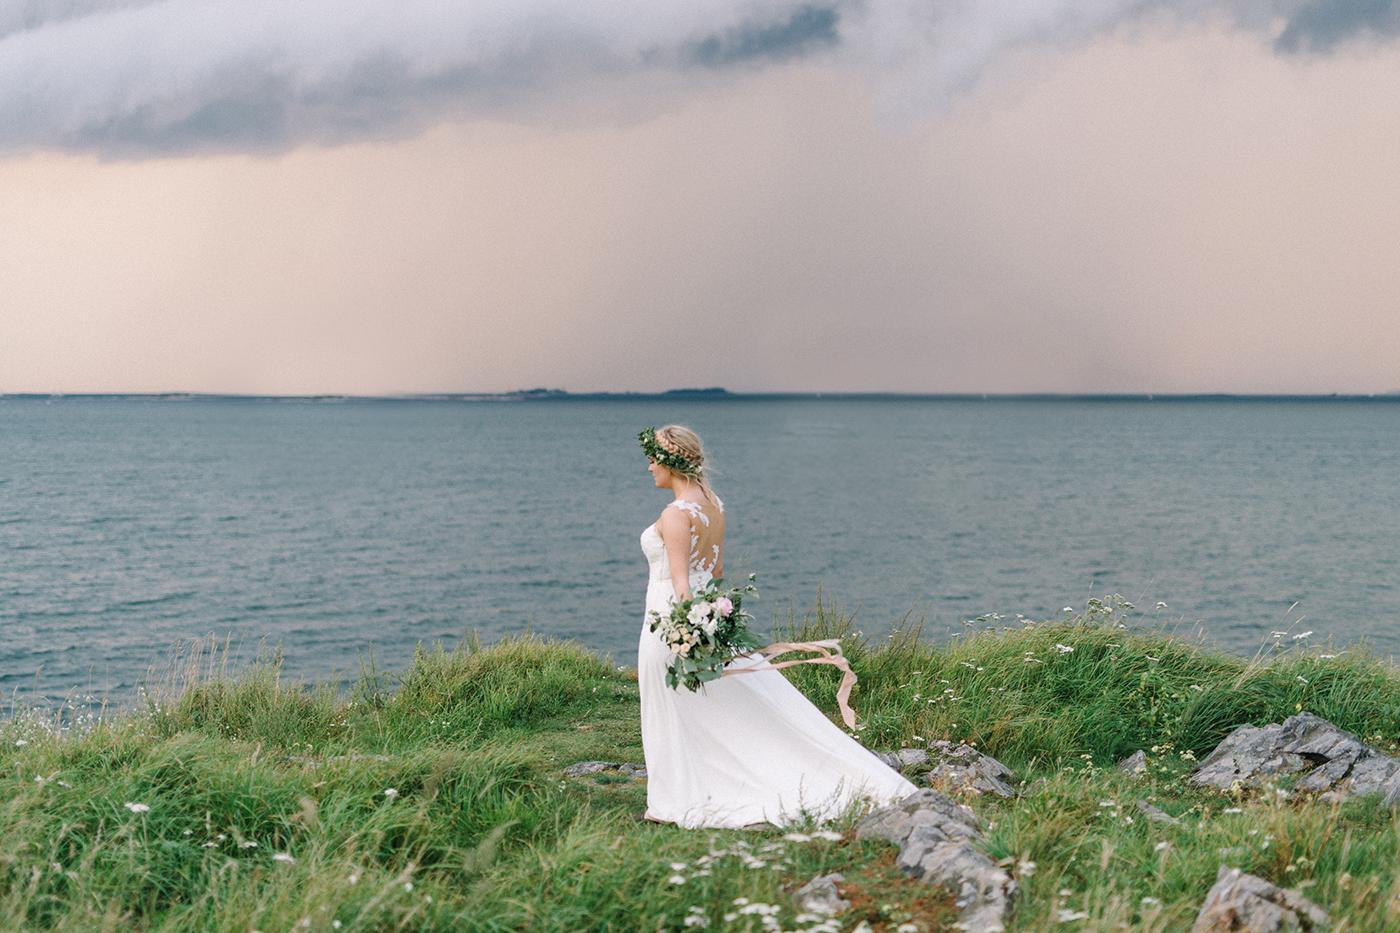 Indie Glam Wedding Tenalji von Fersen Suomenlinna (119).jpg